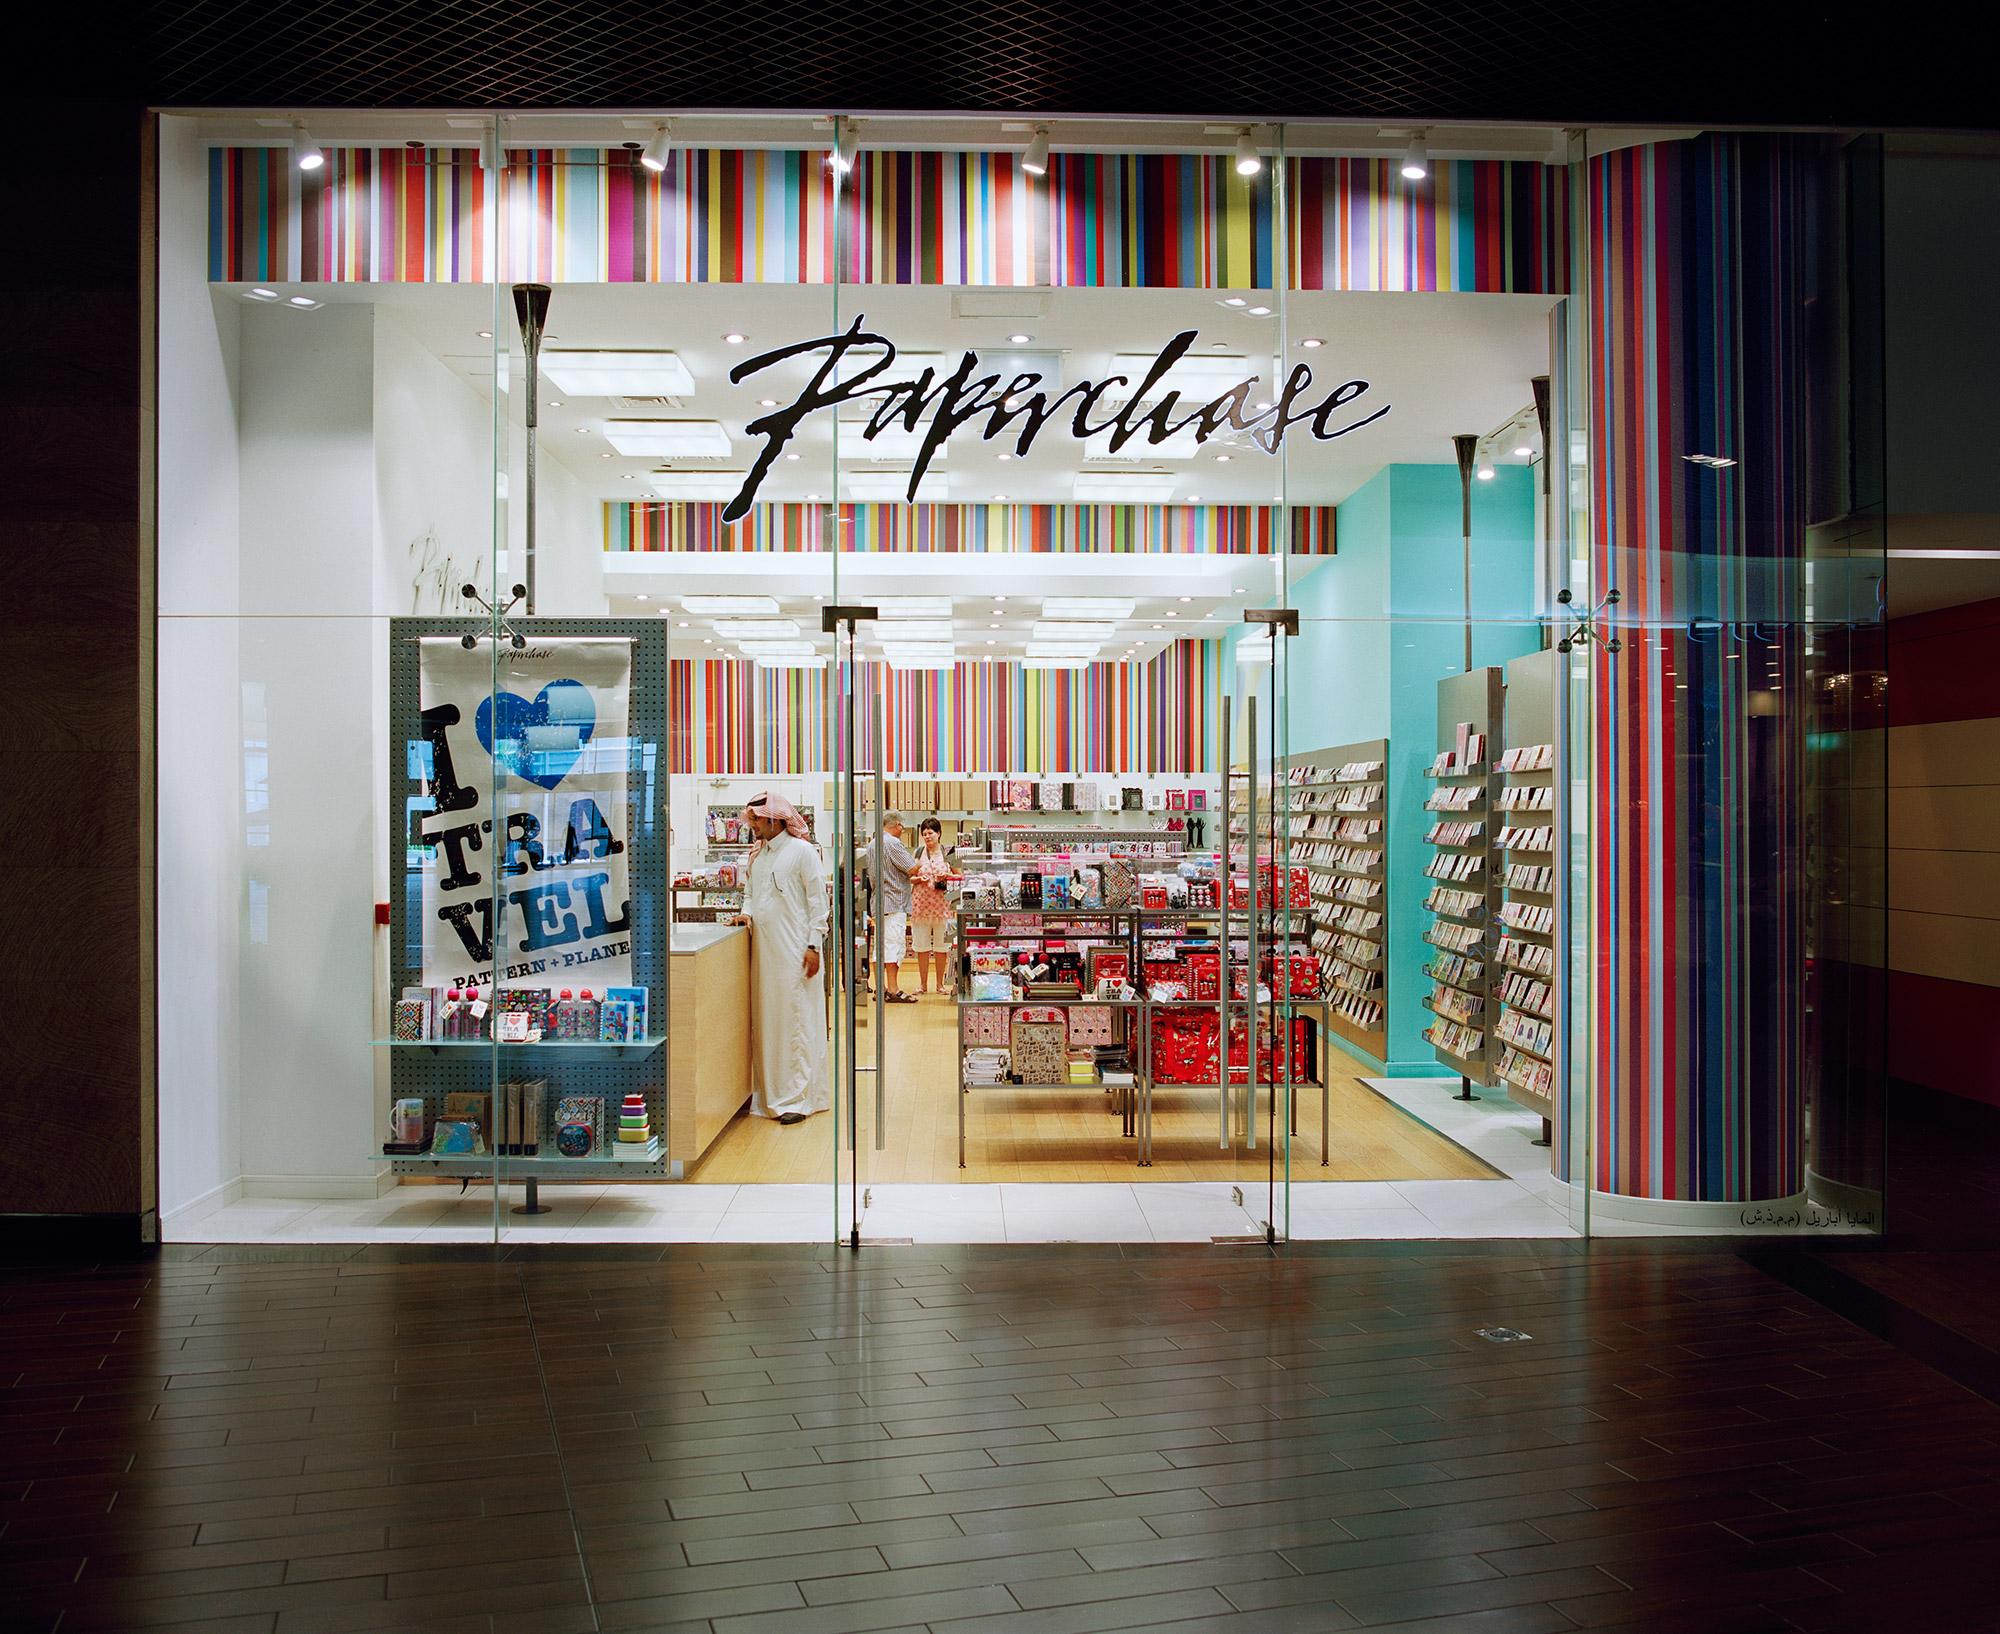 Paperchase Dubai Glass Shop Front